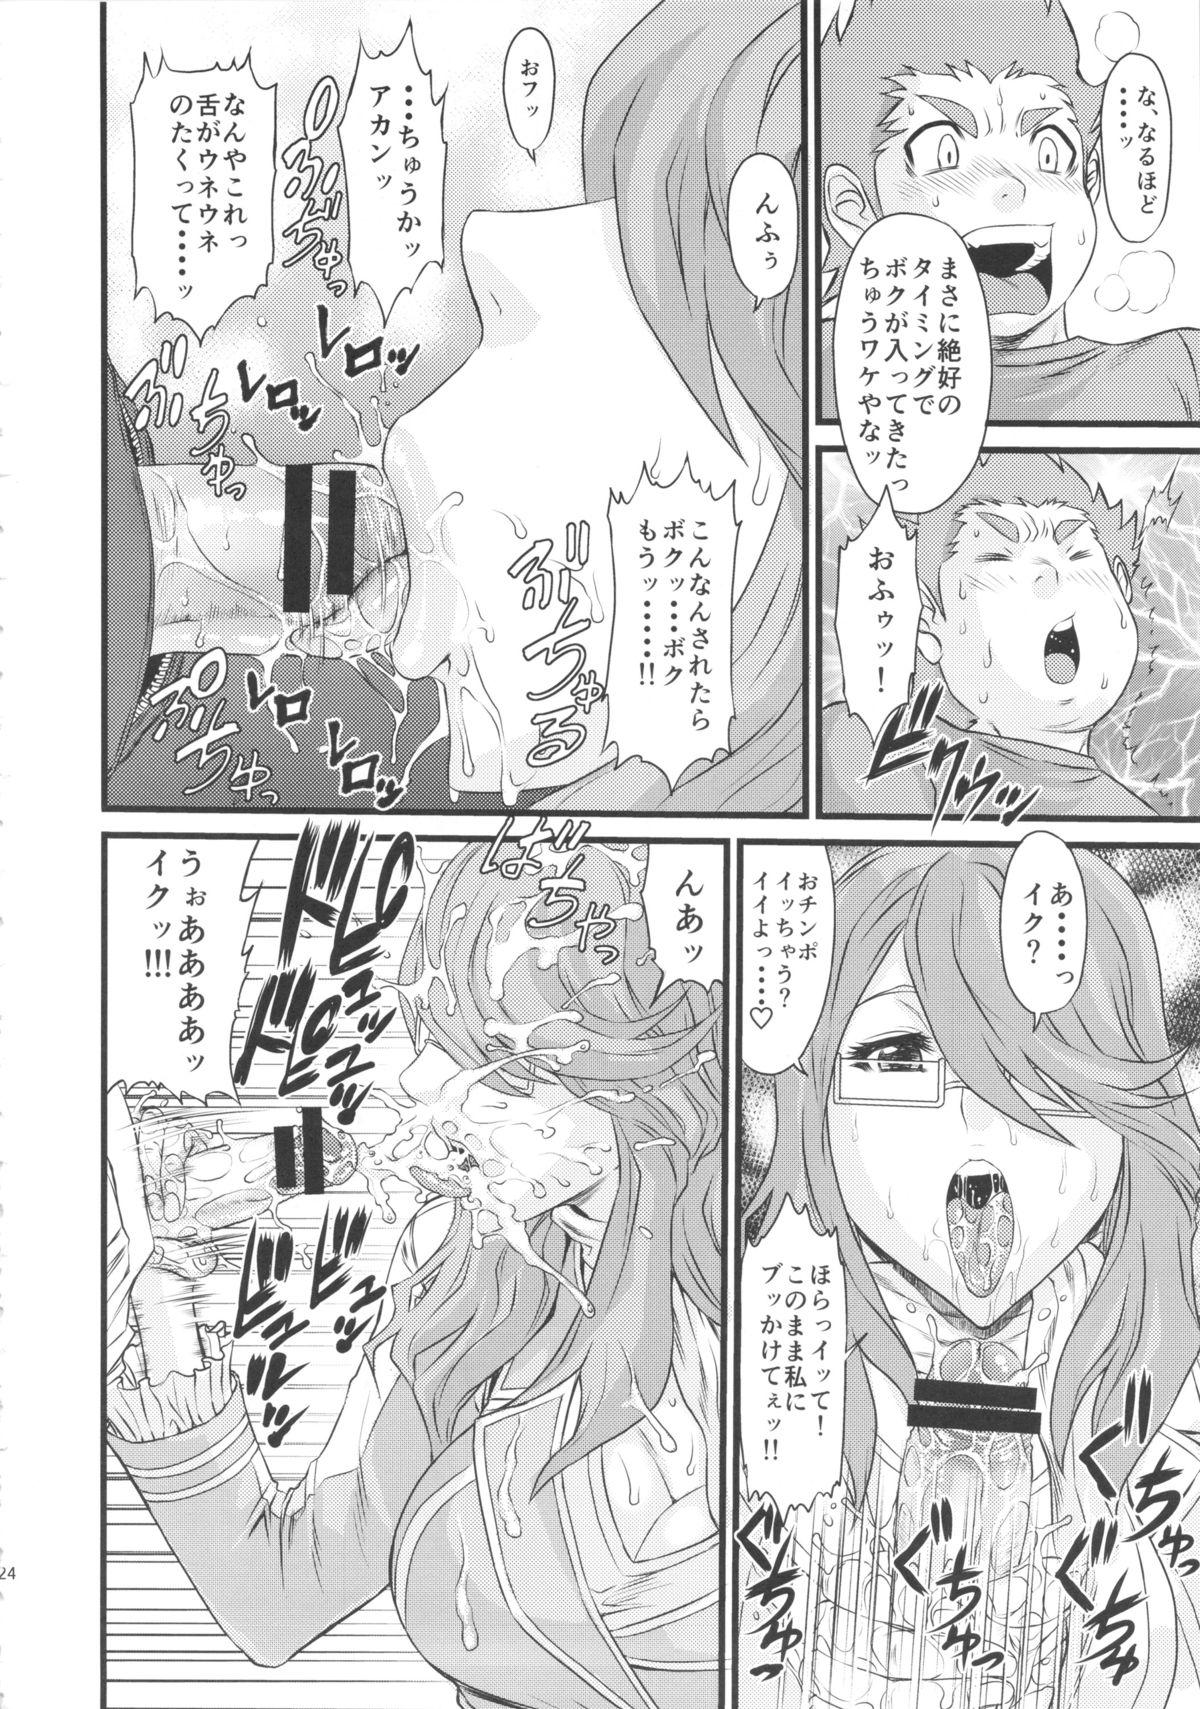 Ichido de Iikara Onegai Shitai Teacher 22